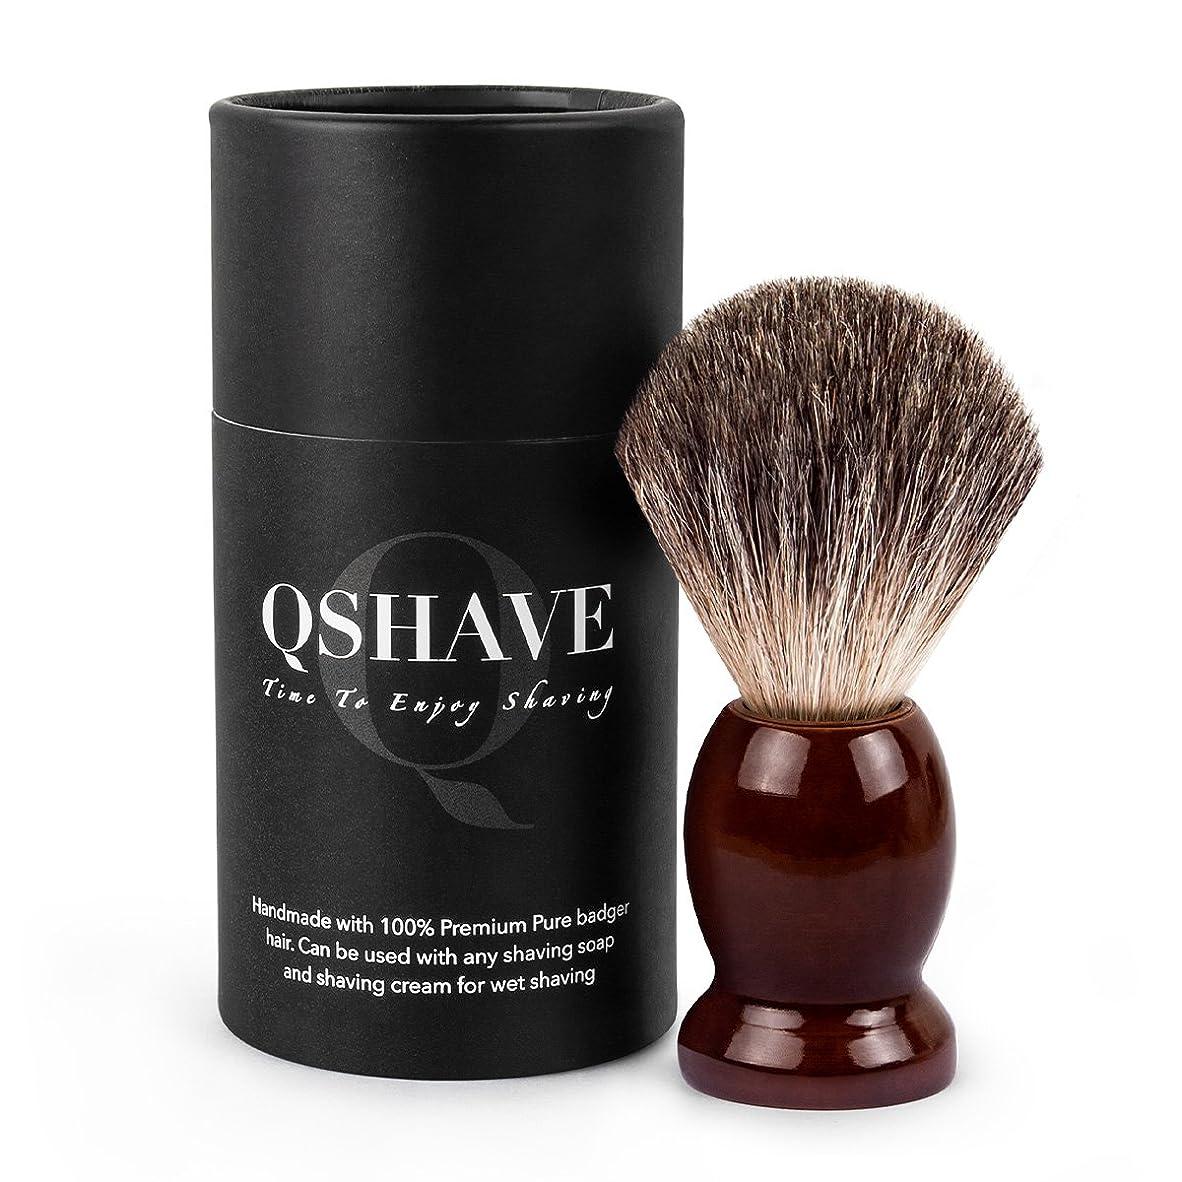 ボットランチここにQSHAVE 100%最高級アナグマ毛オリジナルハンドメイドシェービングブラシ。木製ベース。ウェットシェービング、安全カミソリ、両刃カミソリに最適